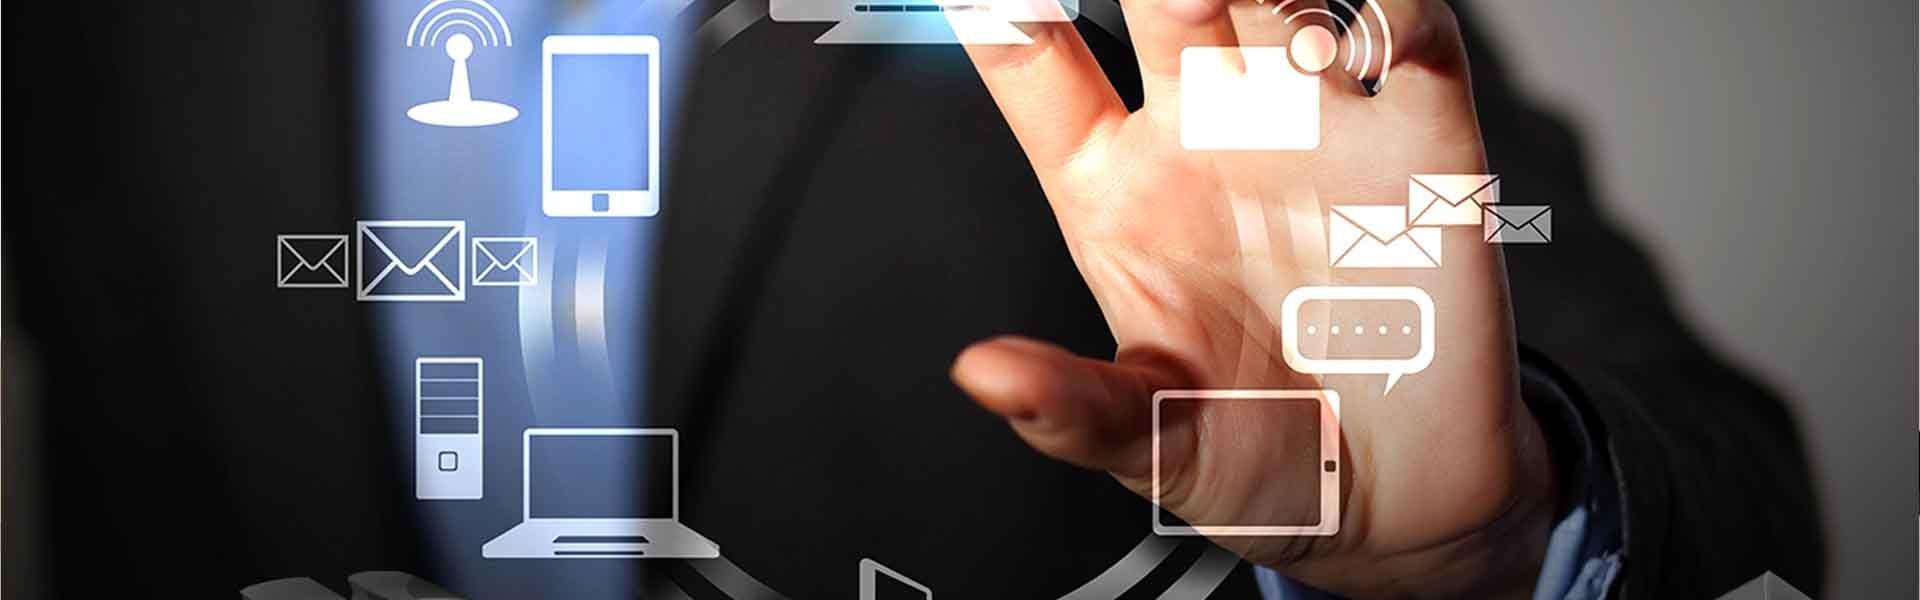 Seguradoras têm de acelerar transformação digital